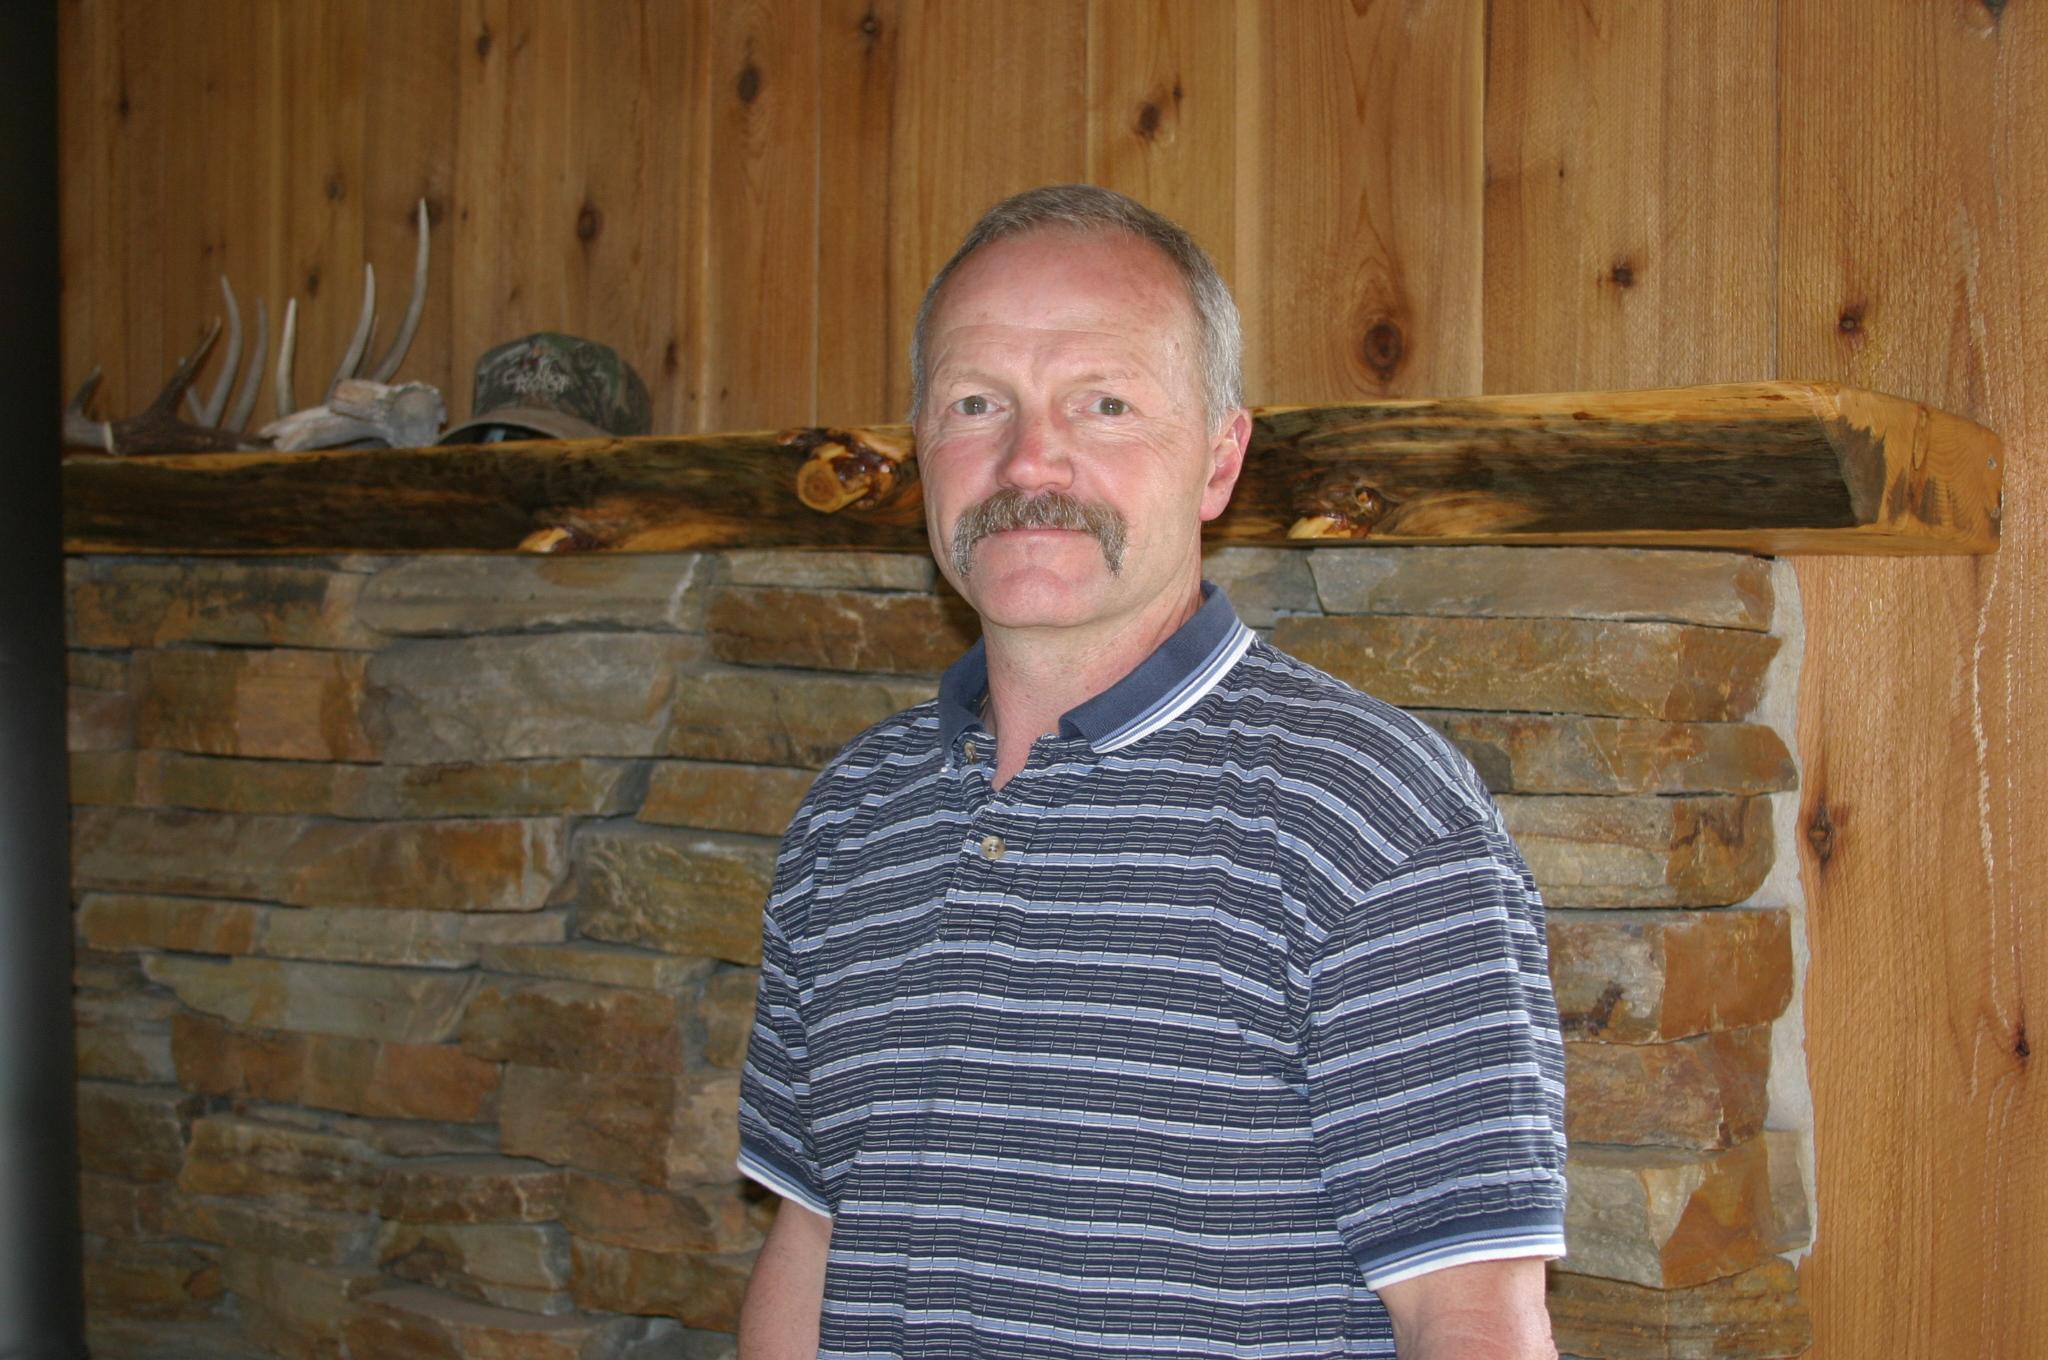 Pete Gunderson - Owner